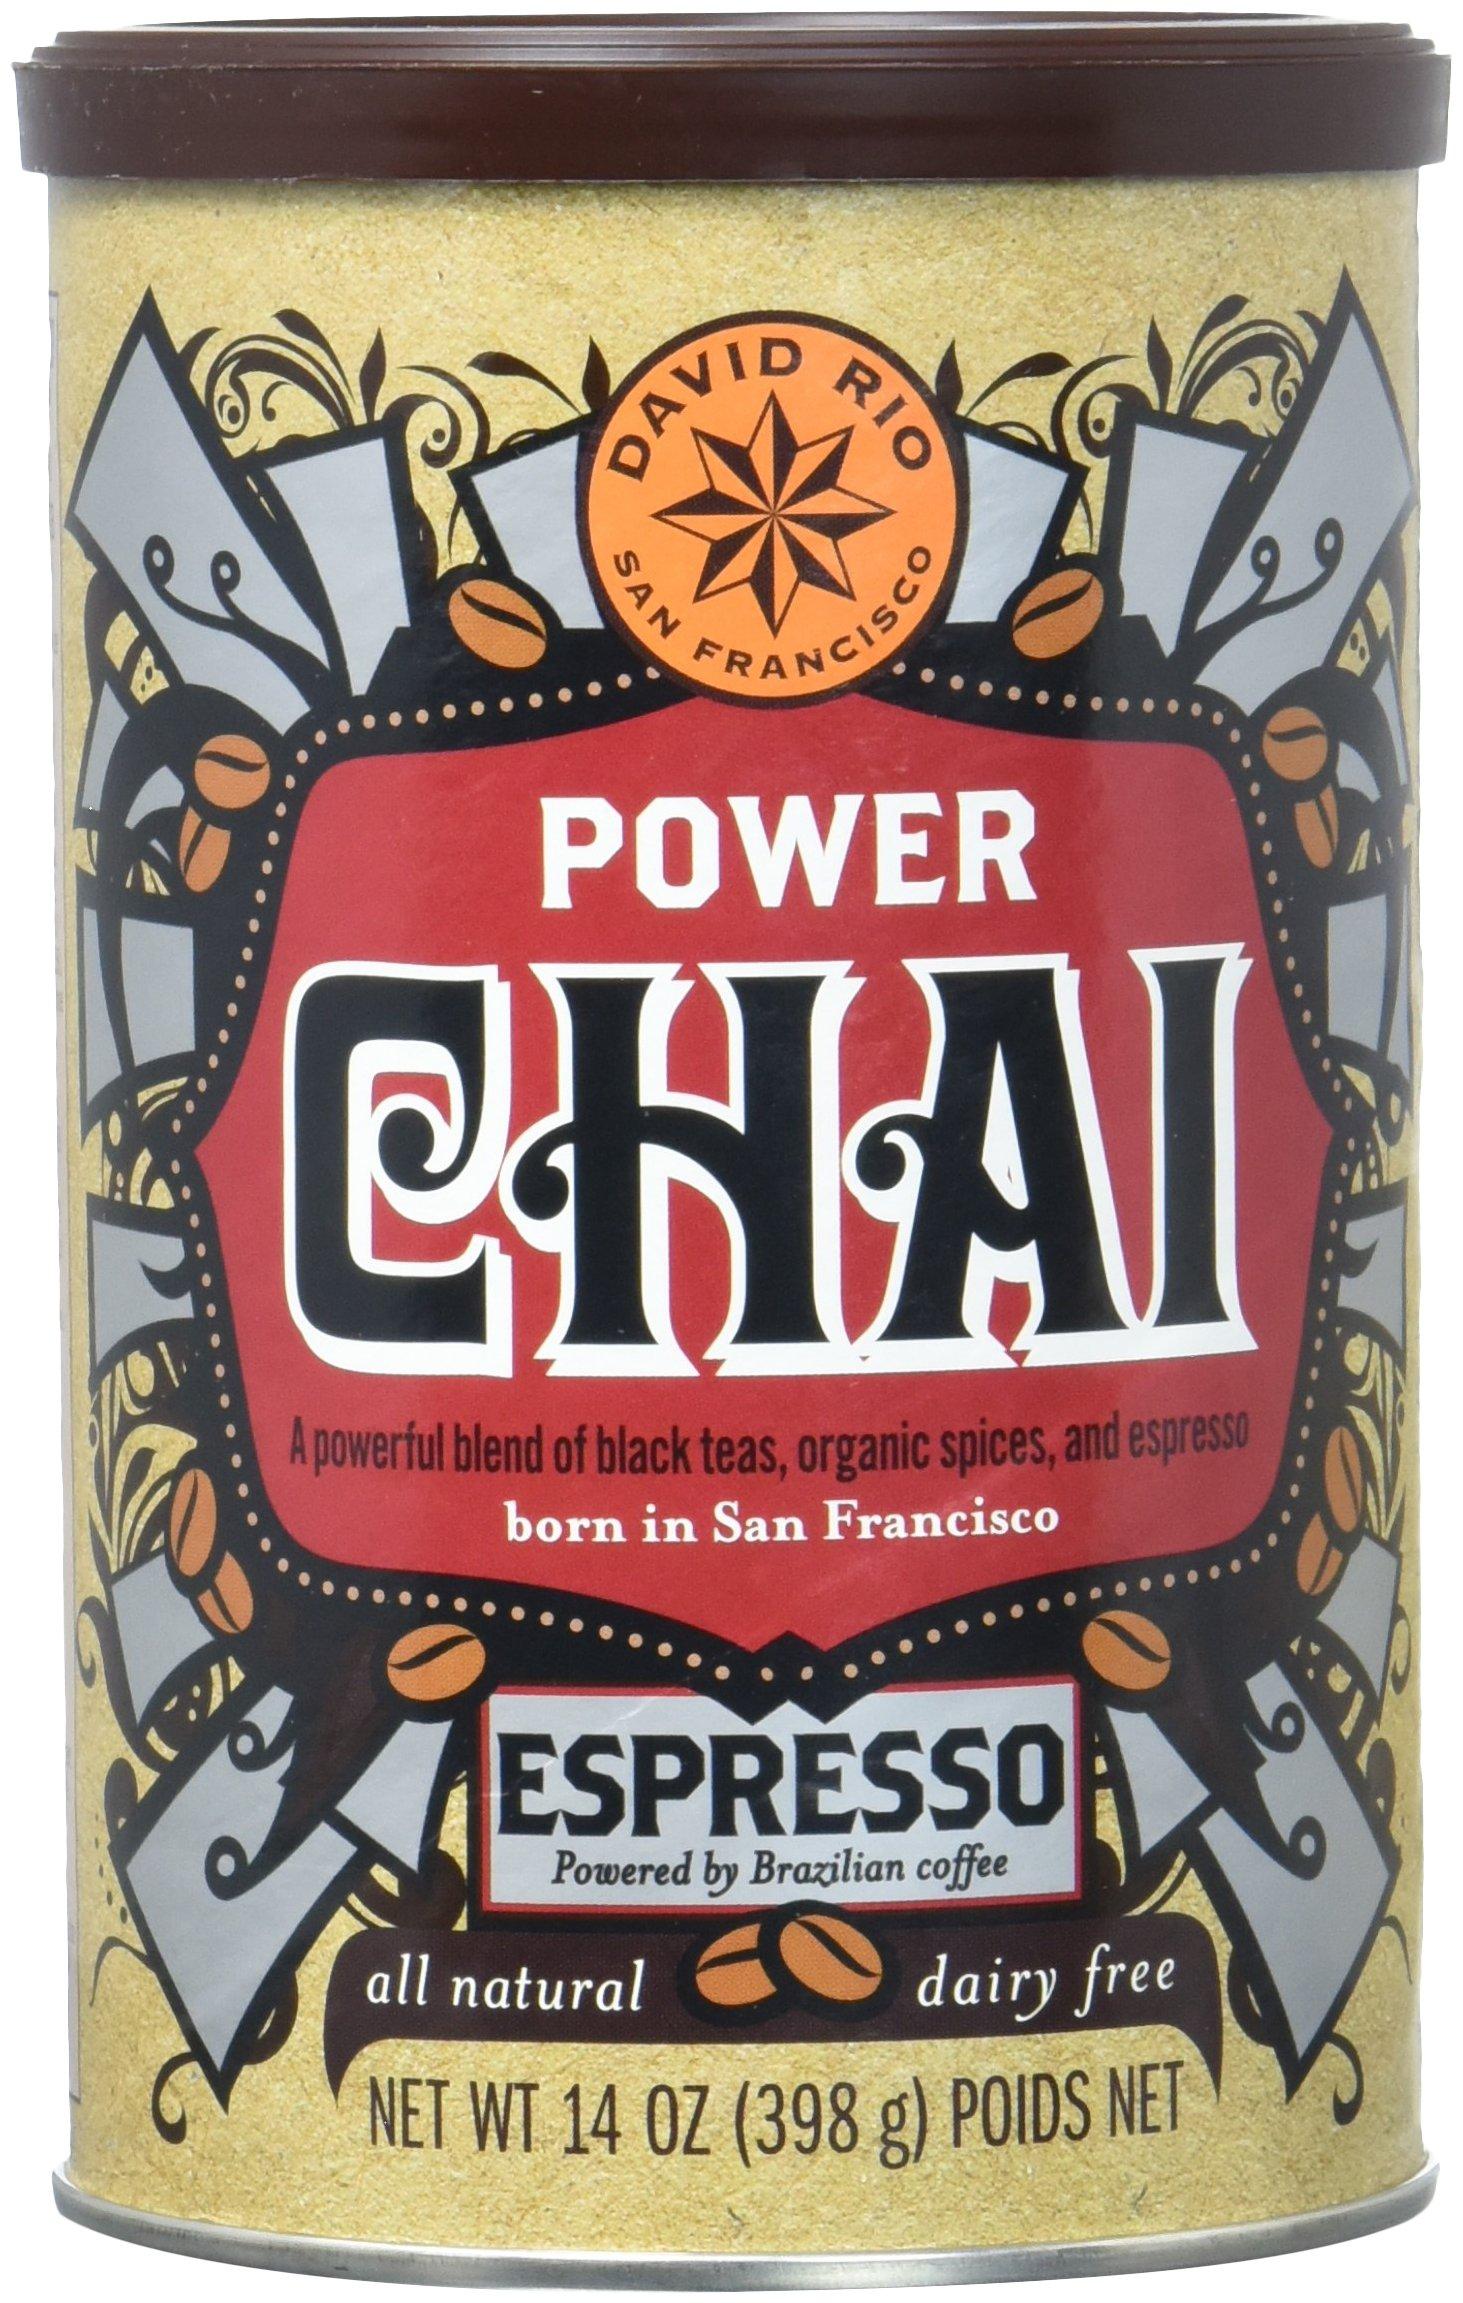 David-Rio-Power-Chai-Espresso-Dose-398-g